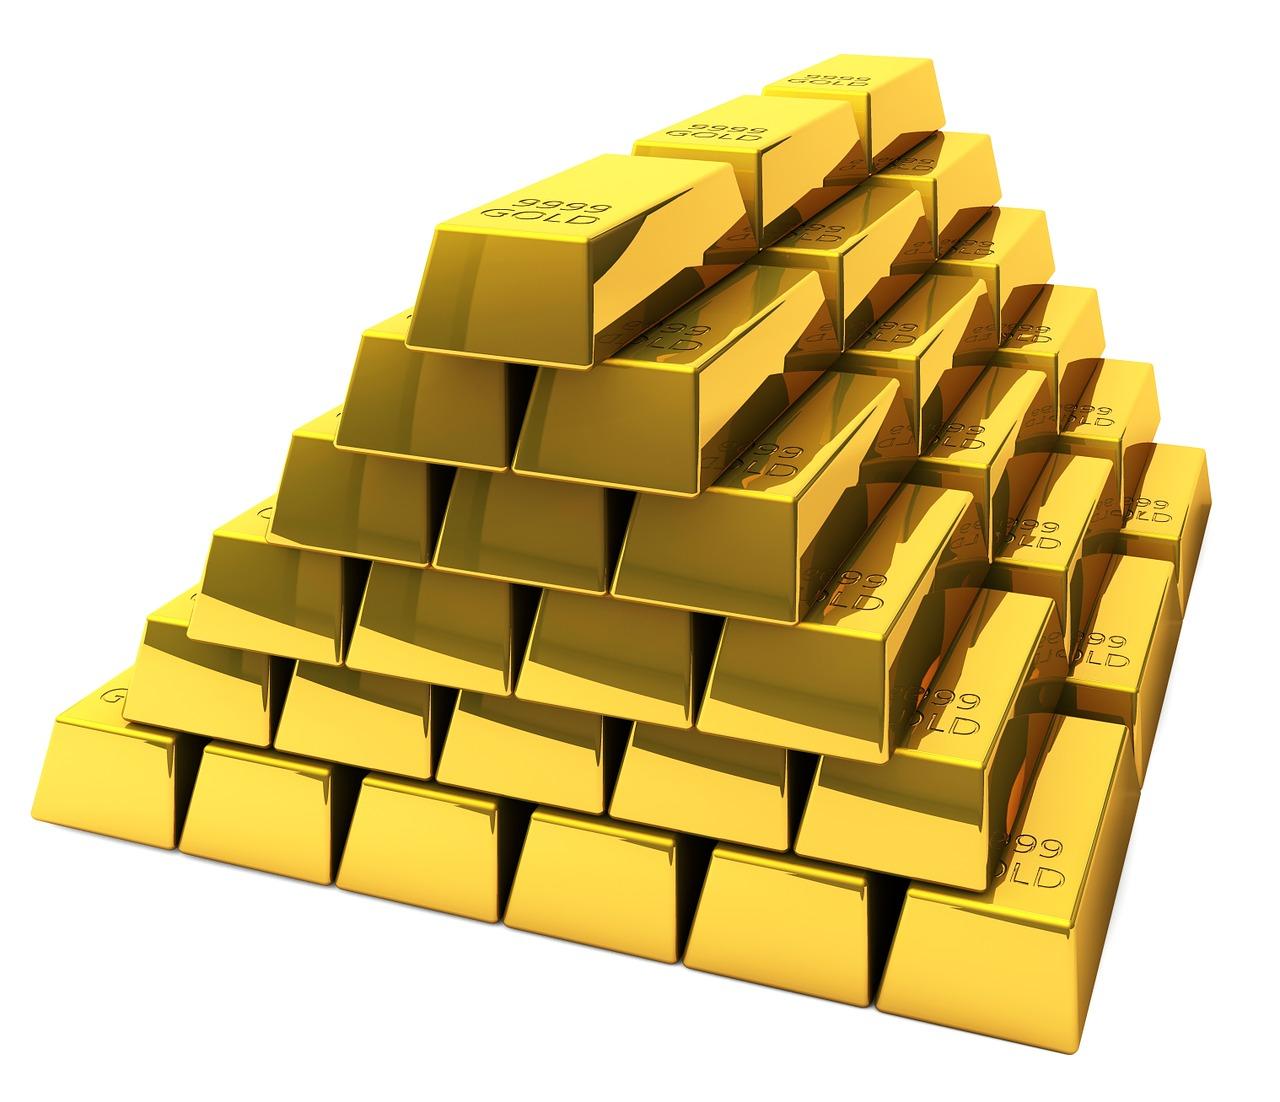 Beispielfoto für Goldbarren Stapel